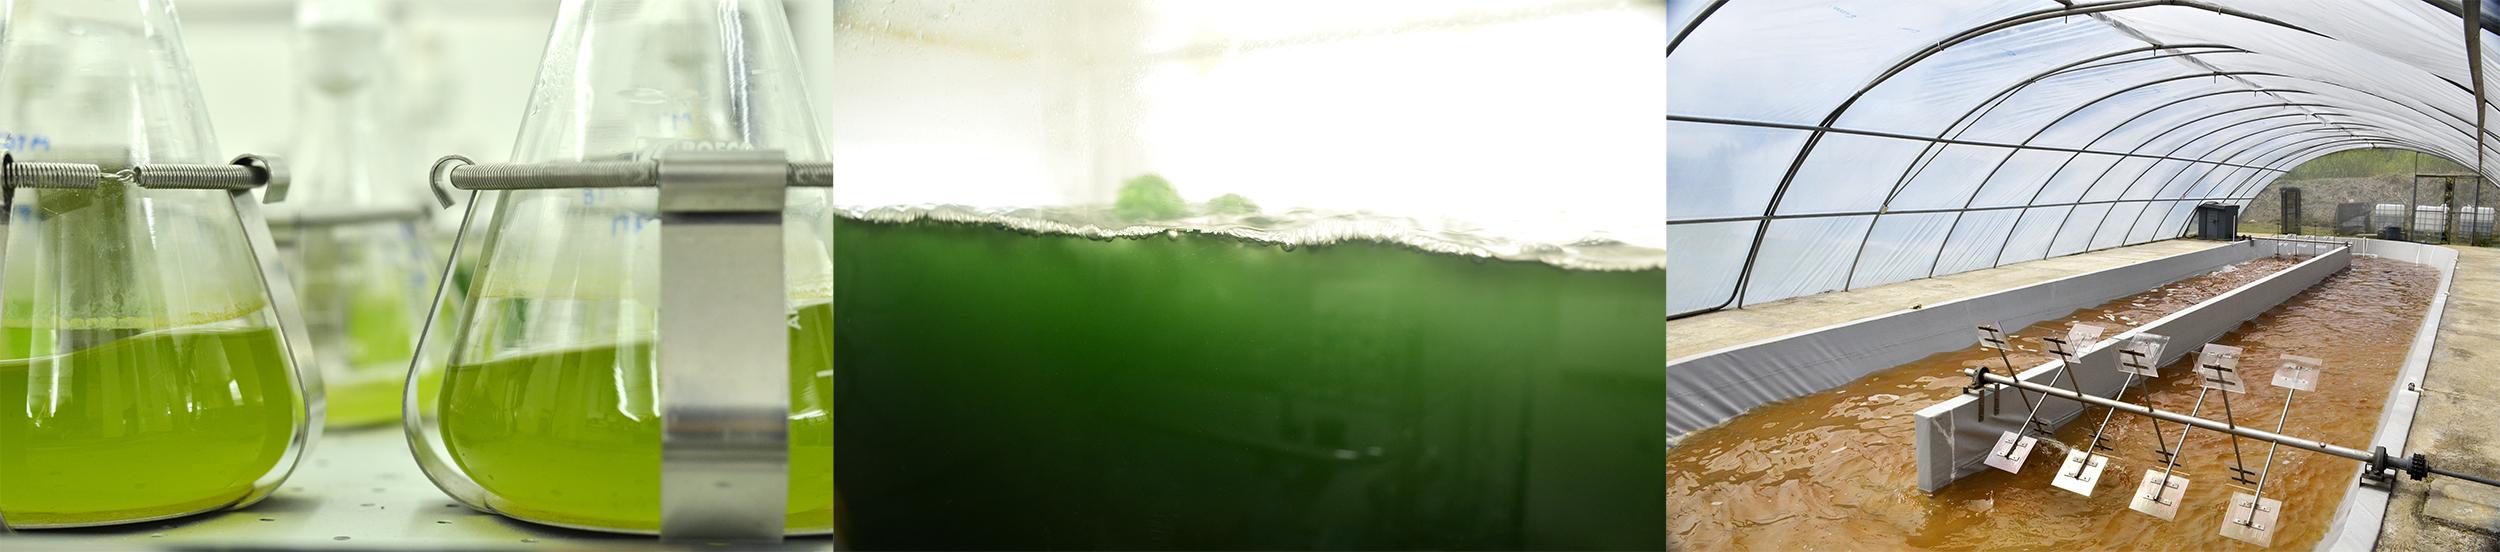 Se ven las microalgas en recipientes y tanques.